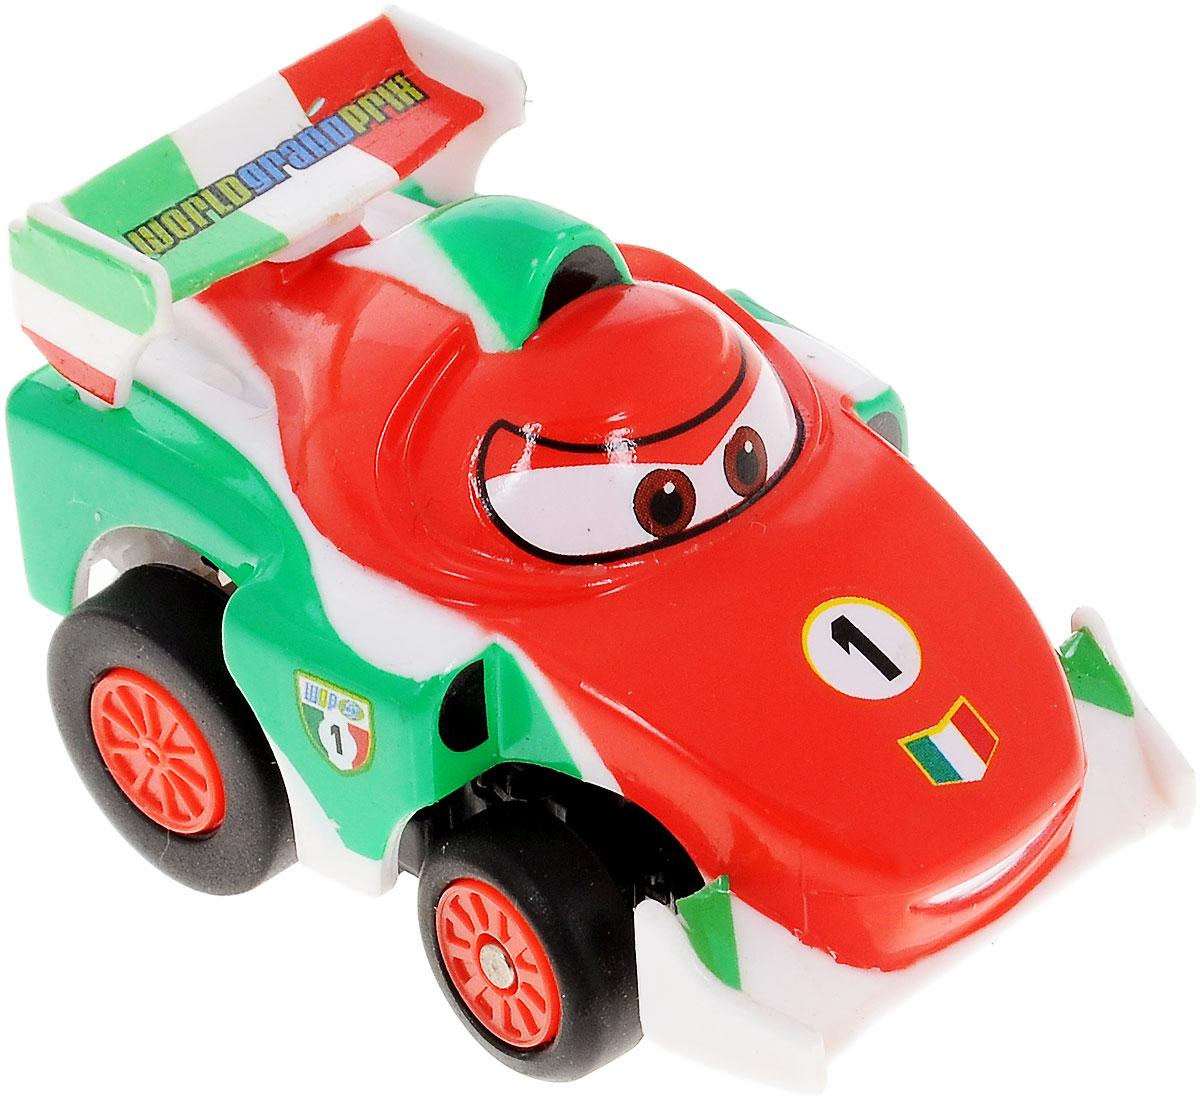 Dickie Toys Машина на инфракрасном управлении Тачки Francesco3089513_FrancescoМашинка на инфракрасном управлении Dickie Toys Тачки: Francesco - это полная копия полюбившегося героя мультсериала Тачки Франческо Бернулли. Игрушка может двигаться вперед, дает задний ход, поворачивает влево и вправо, останавливается.Точная настройка управления, 2 скорости, подзарядка от пульта дистанционного управления сделают игру комфортной и увлекательной. Машинка на инфракрасном управлении Dickie Toys Тачки: Francesco станет отличным подарком поклоннику этого популярного мультфильма! Игрушка работает от встроенного аккумулятора. Для работы пульта управления необходимы 4 батарейки типа ААА (не входят в комплект).